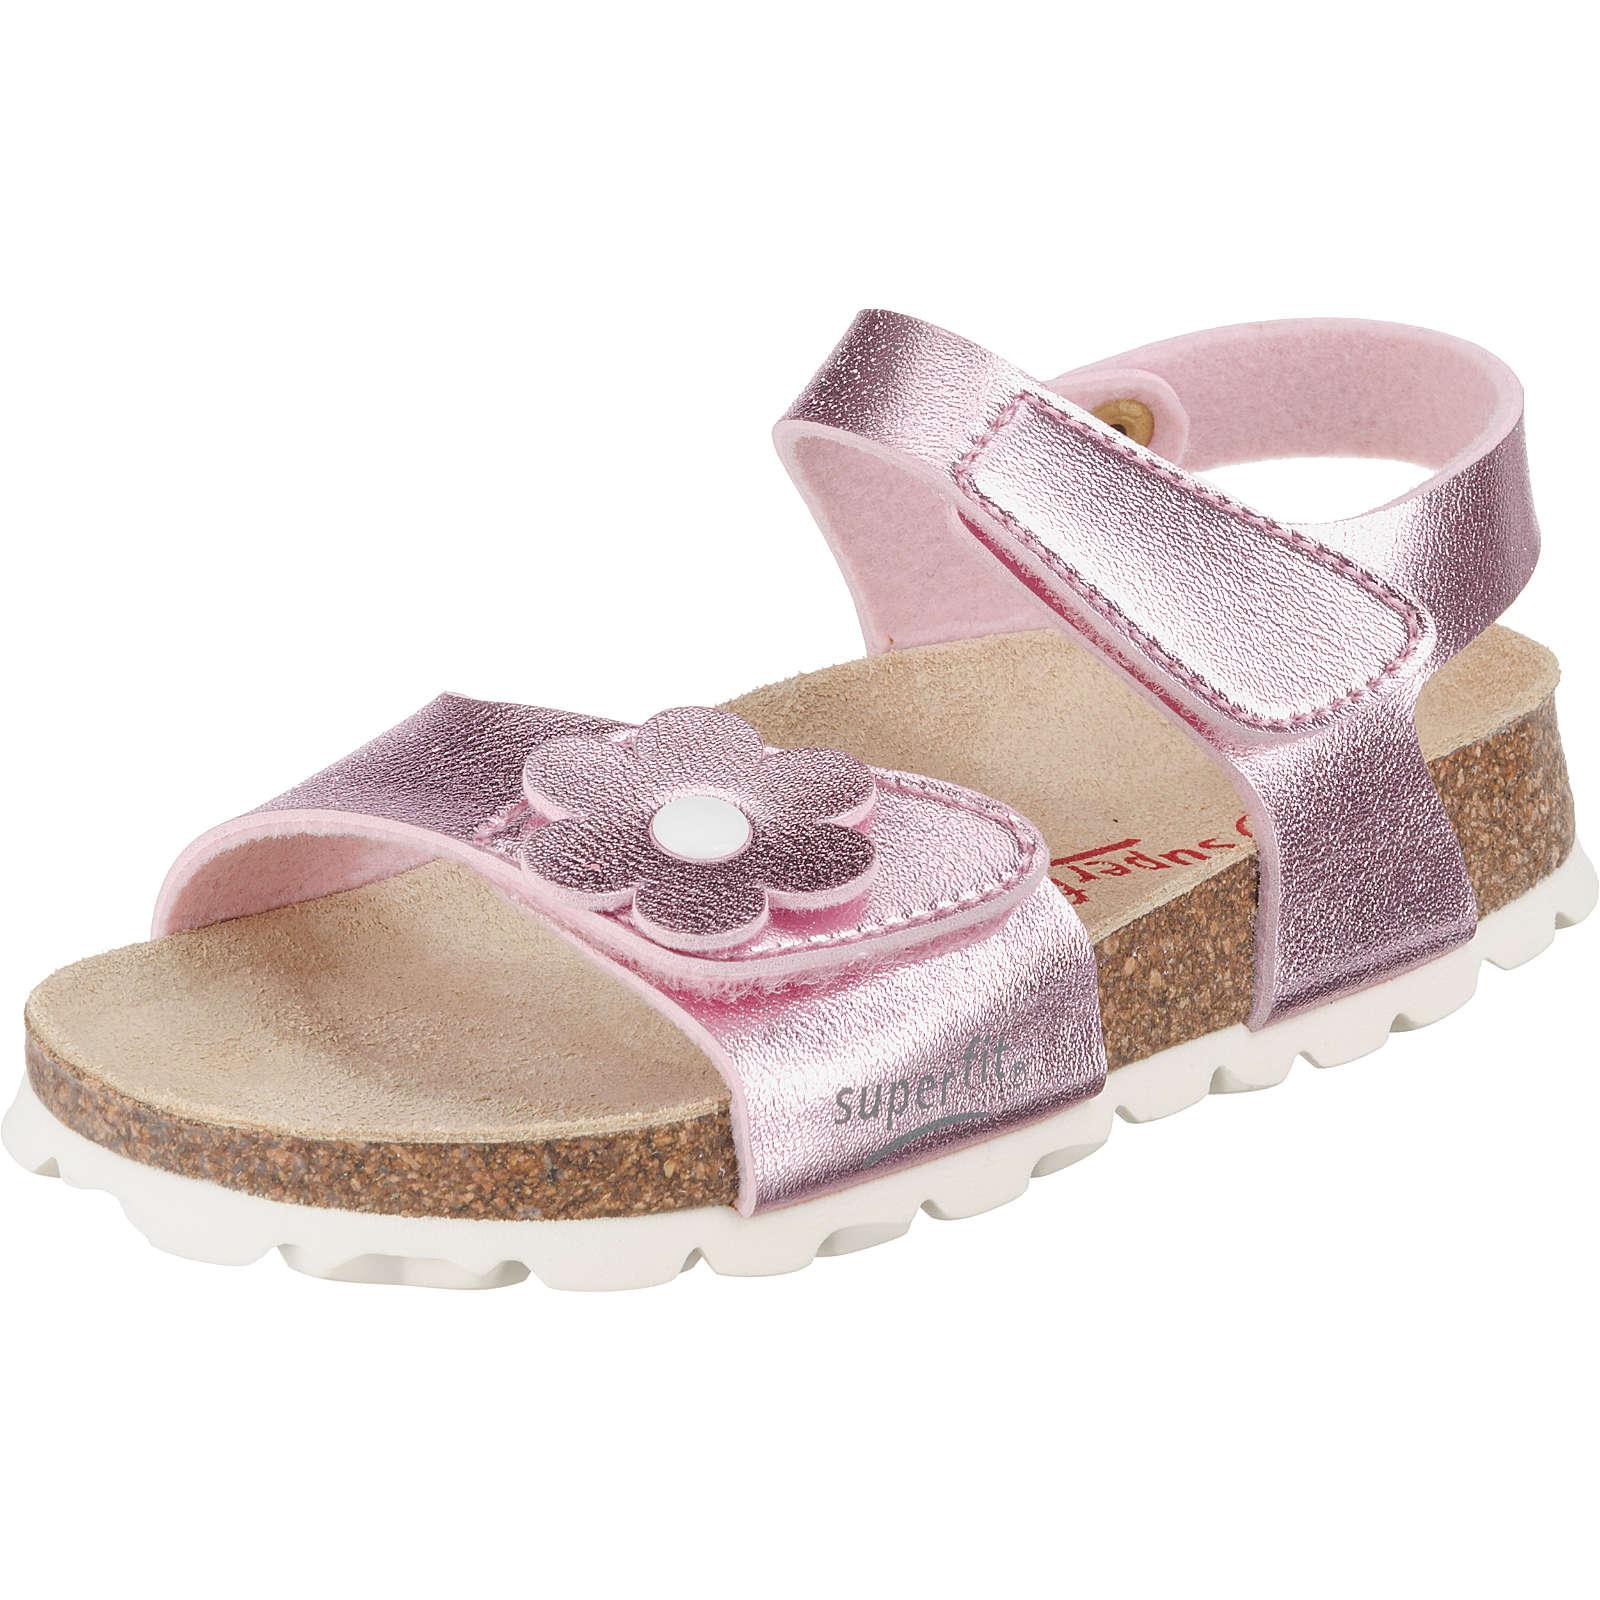 superfit Sandalen für Mädchen rosa Mädchen Gr. 29